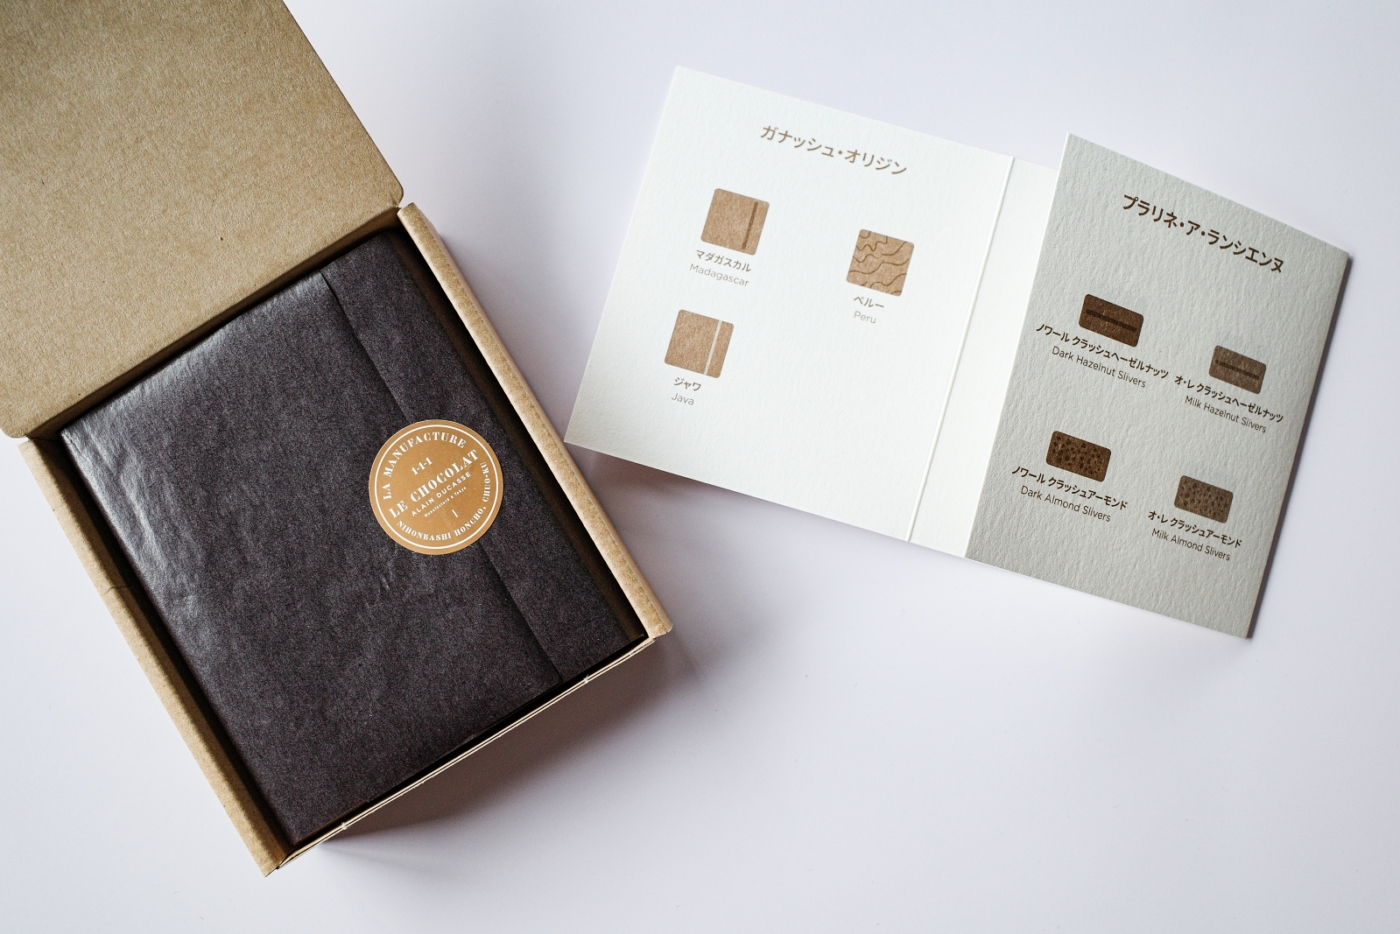 """ル・ショコラ・アラン・デュカス  """"産地の違いを楽しむ、チョコ好きや食通に贈りたいボンボン・ショコラ"""""""